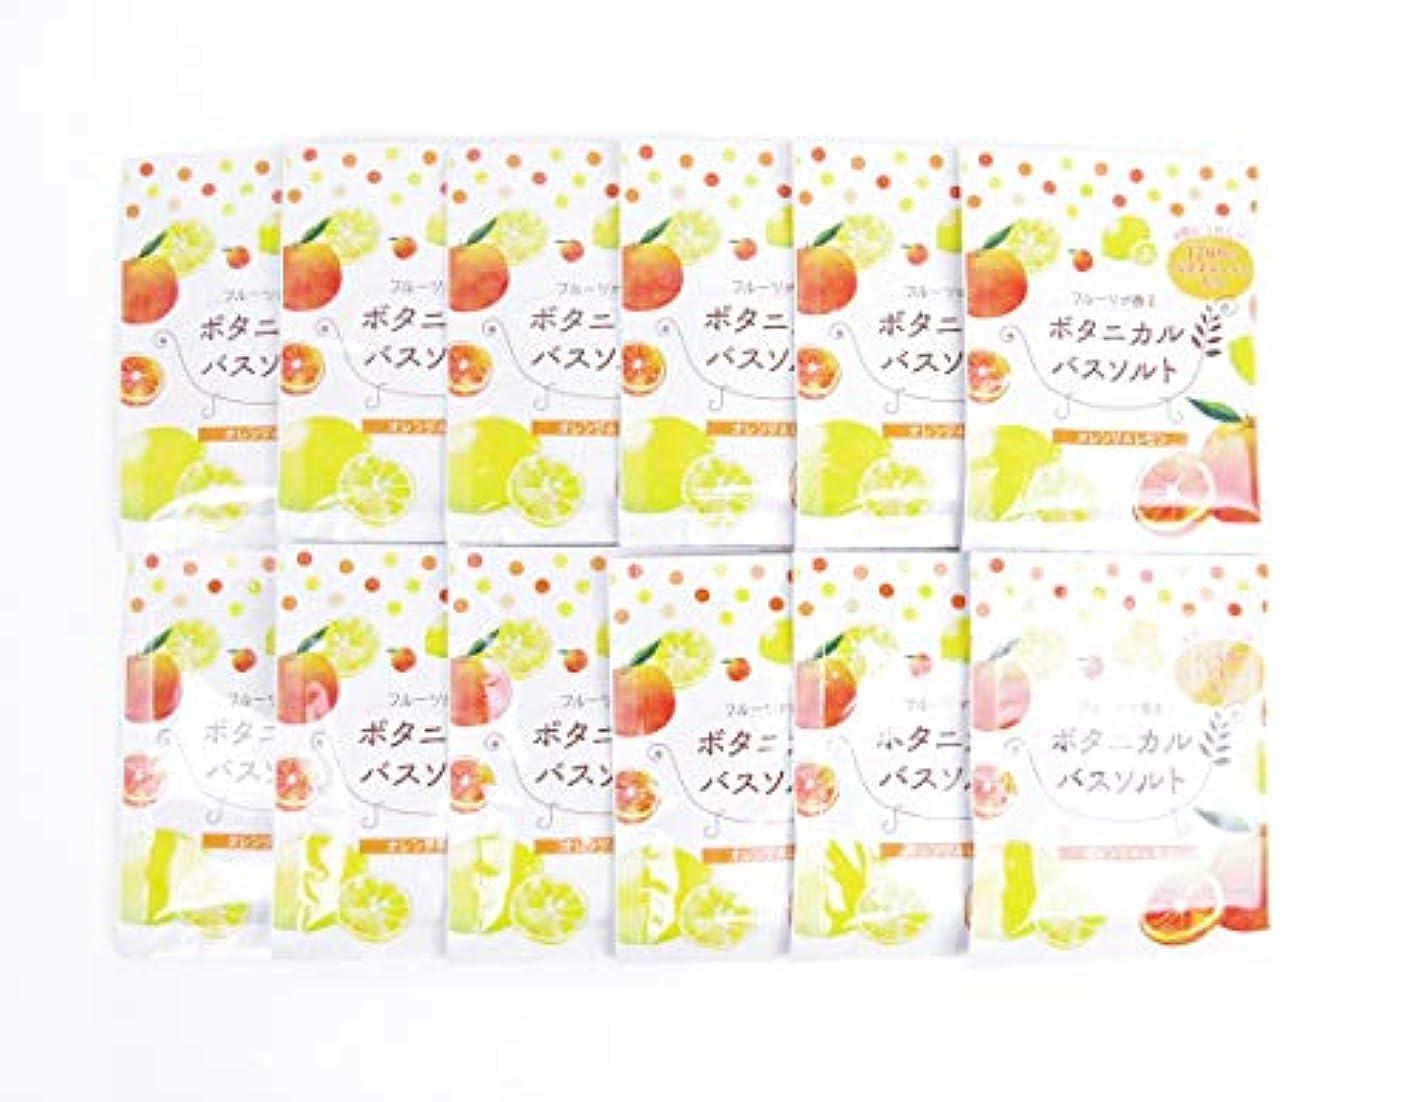 クッションスロットストッキング松田医薬品 フルーツが香るボタニカルバスソルト オレンジ&レモン 30g 12個セット